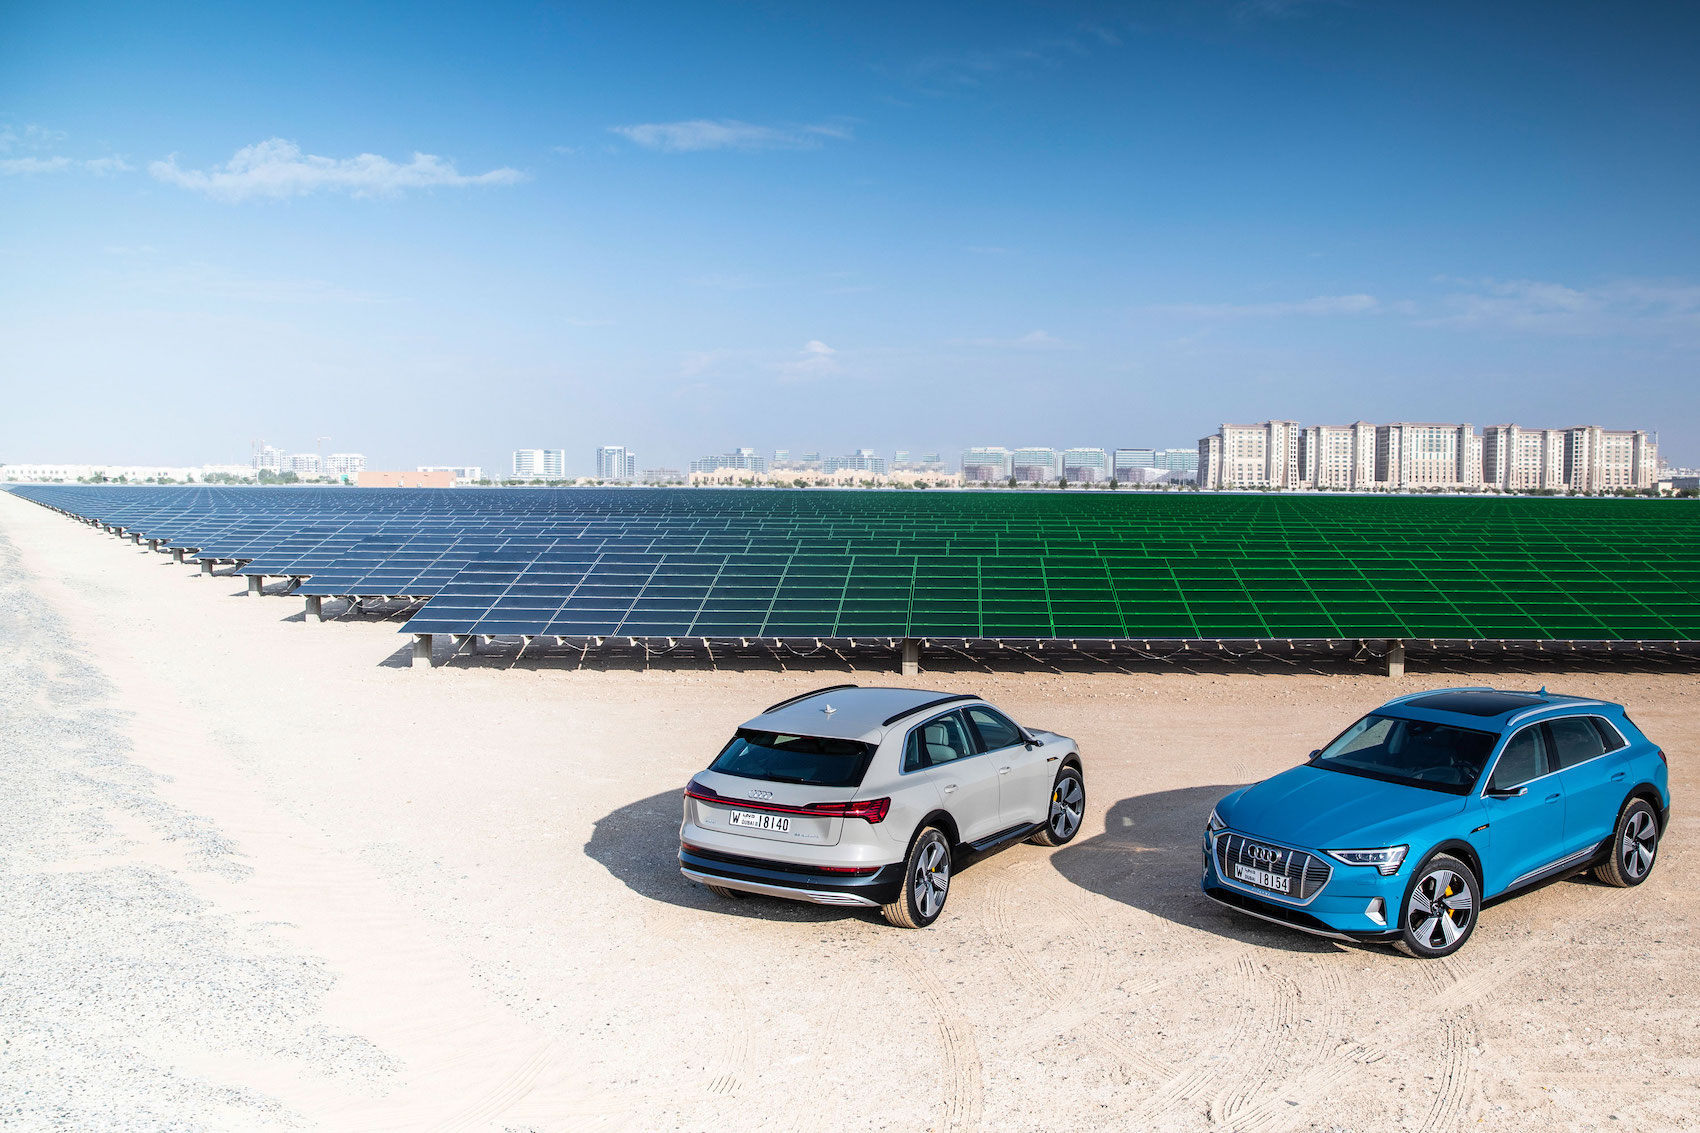 «Wenn wir Kohle verstromen, ist das schlimmer, als mit dem Benzinauto zu fahren»: Die grösste Photovoltaikanlage des Nahen Ostens steht in Masdar City im Emirat Abu Dhabi. (AUDI/Bearbeitung Brand Studio)